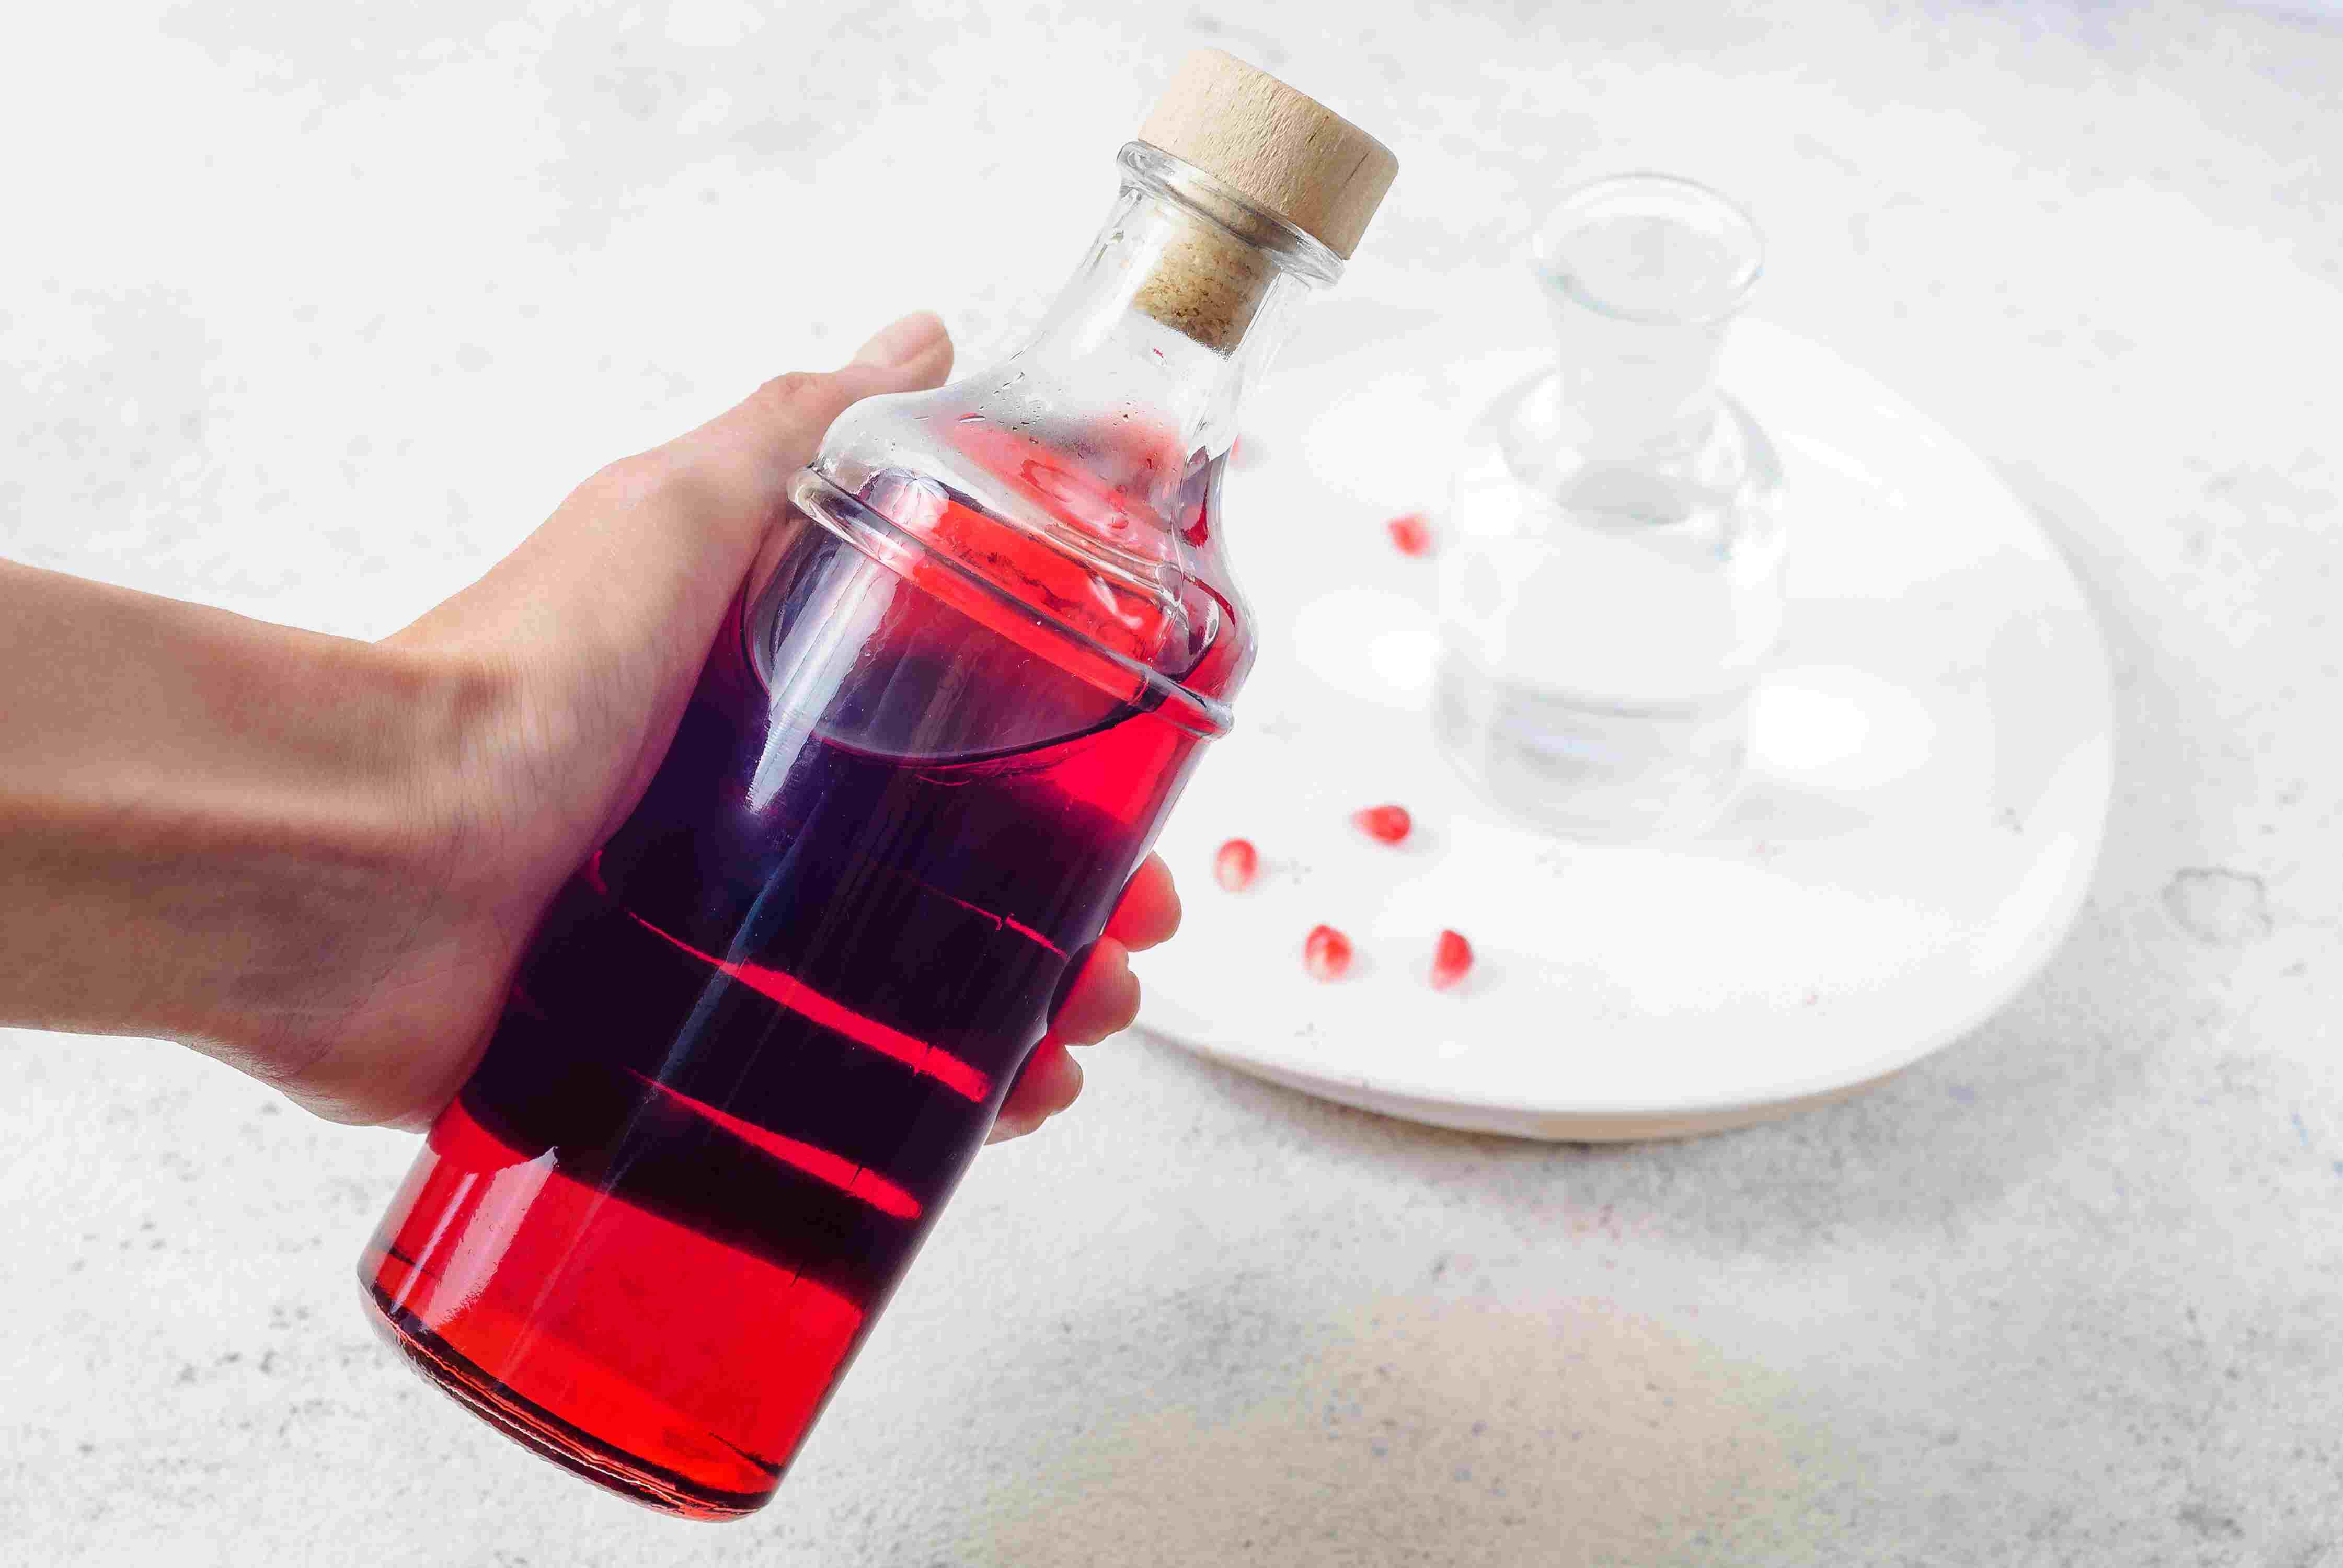 Sealed bottle of grenadine syrup